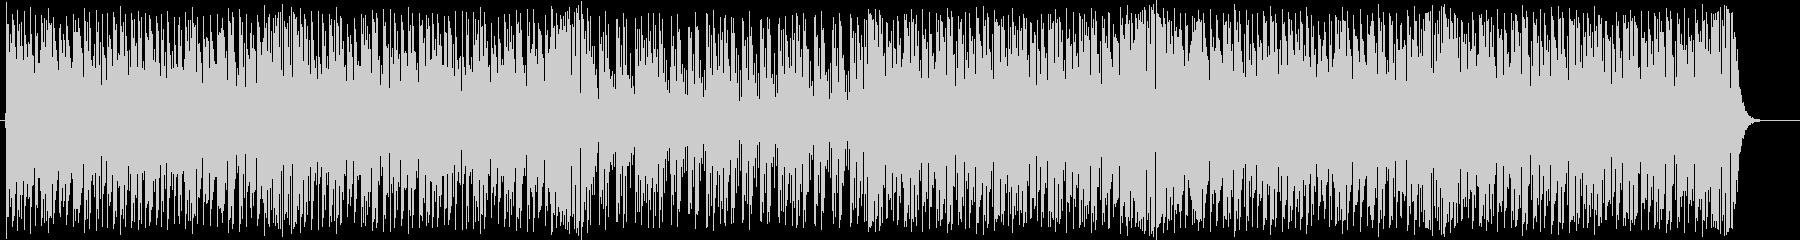 和風◆荒々しい太鼓の和な打楽器インストの未再生の波形